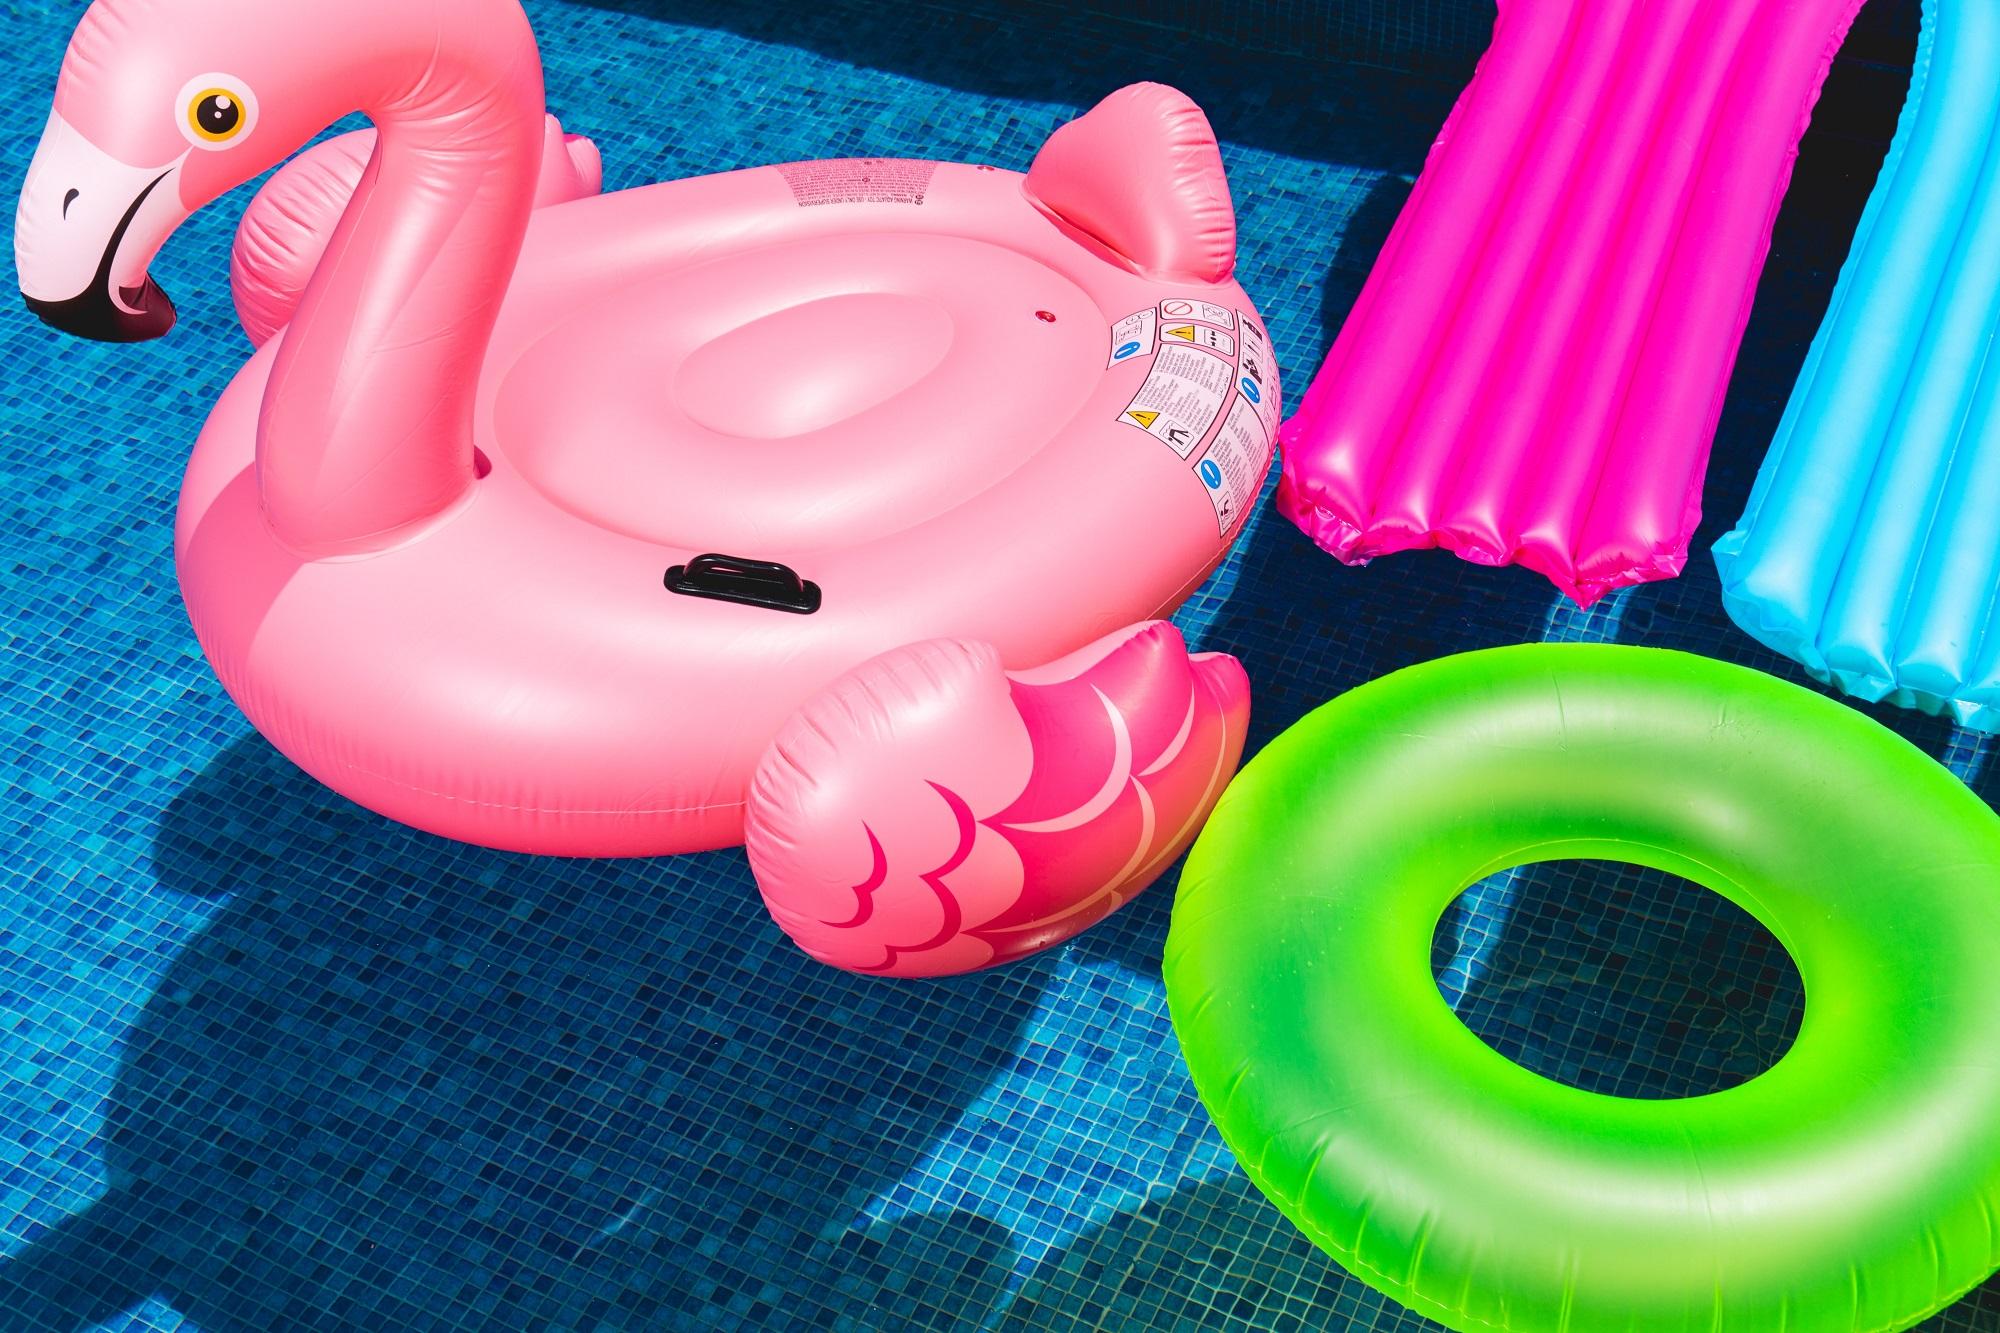 Geek Cat - Jaki biznes na lato - pomysły na wakacyjny biznes flamingo basen